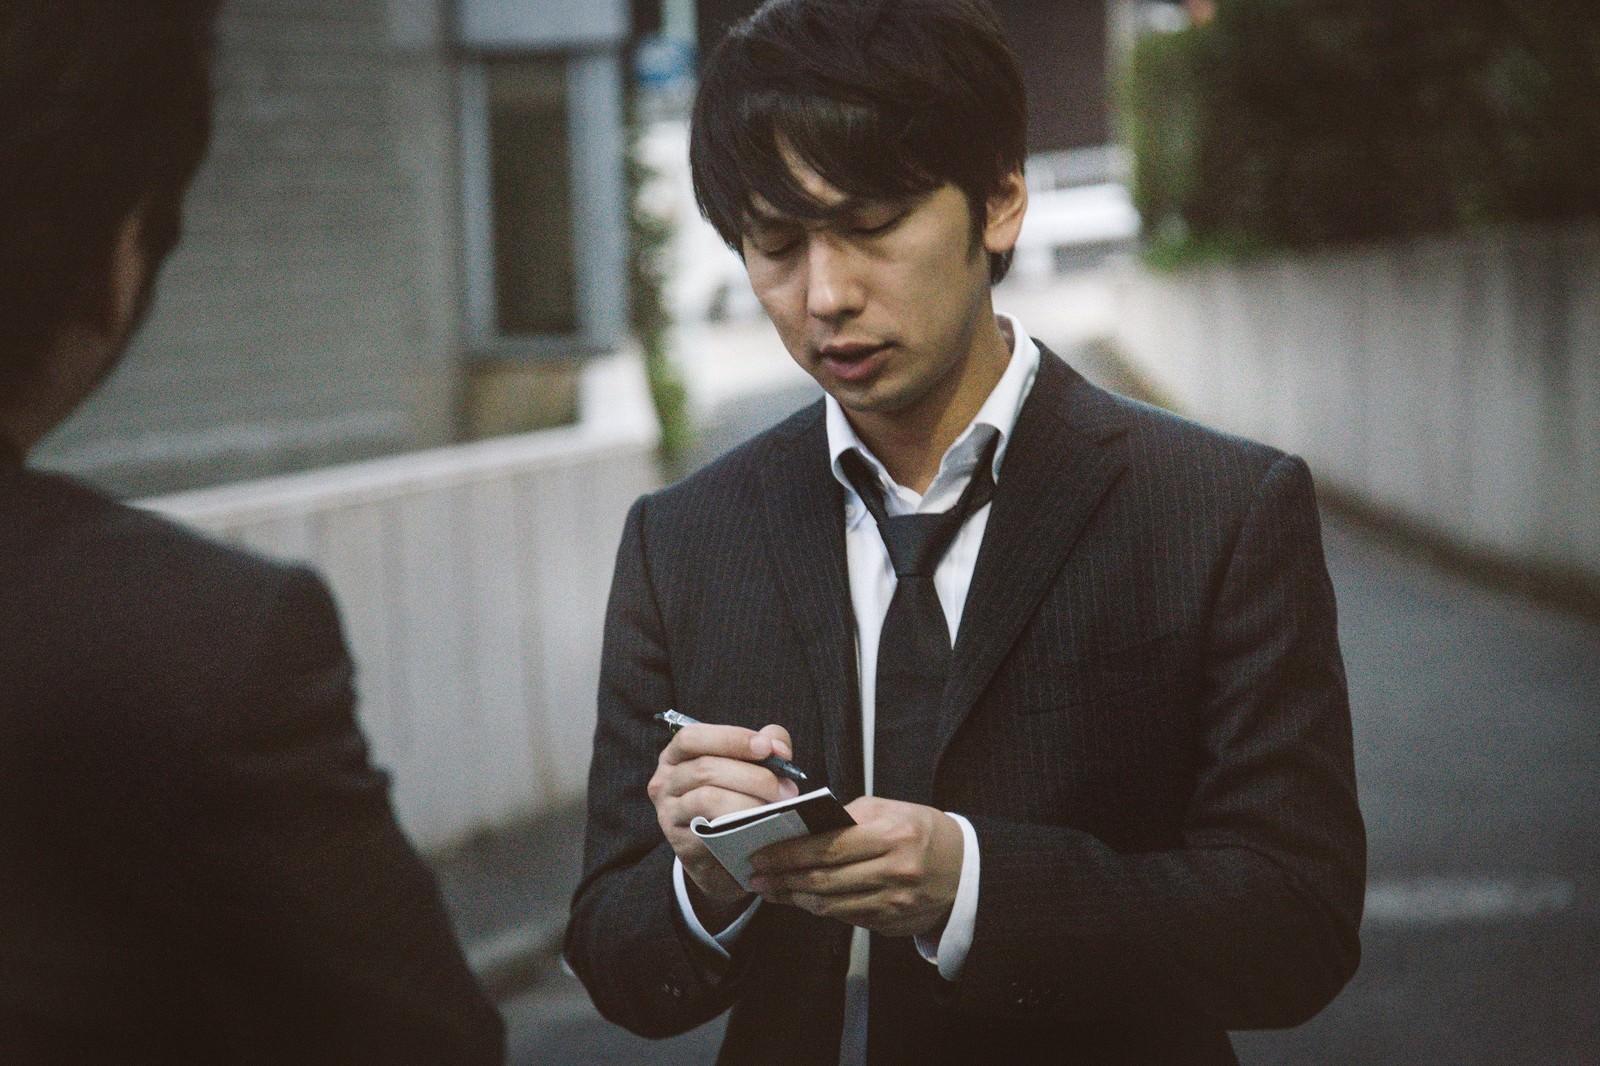 「犯行現場付近で聞き込み取材をする若手記者」の写真[モデル:大川竜弥]